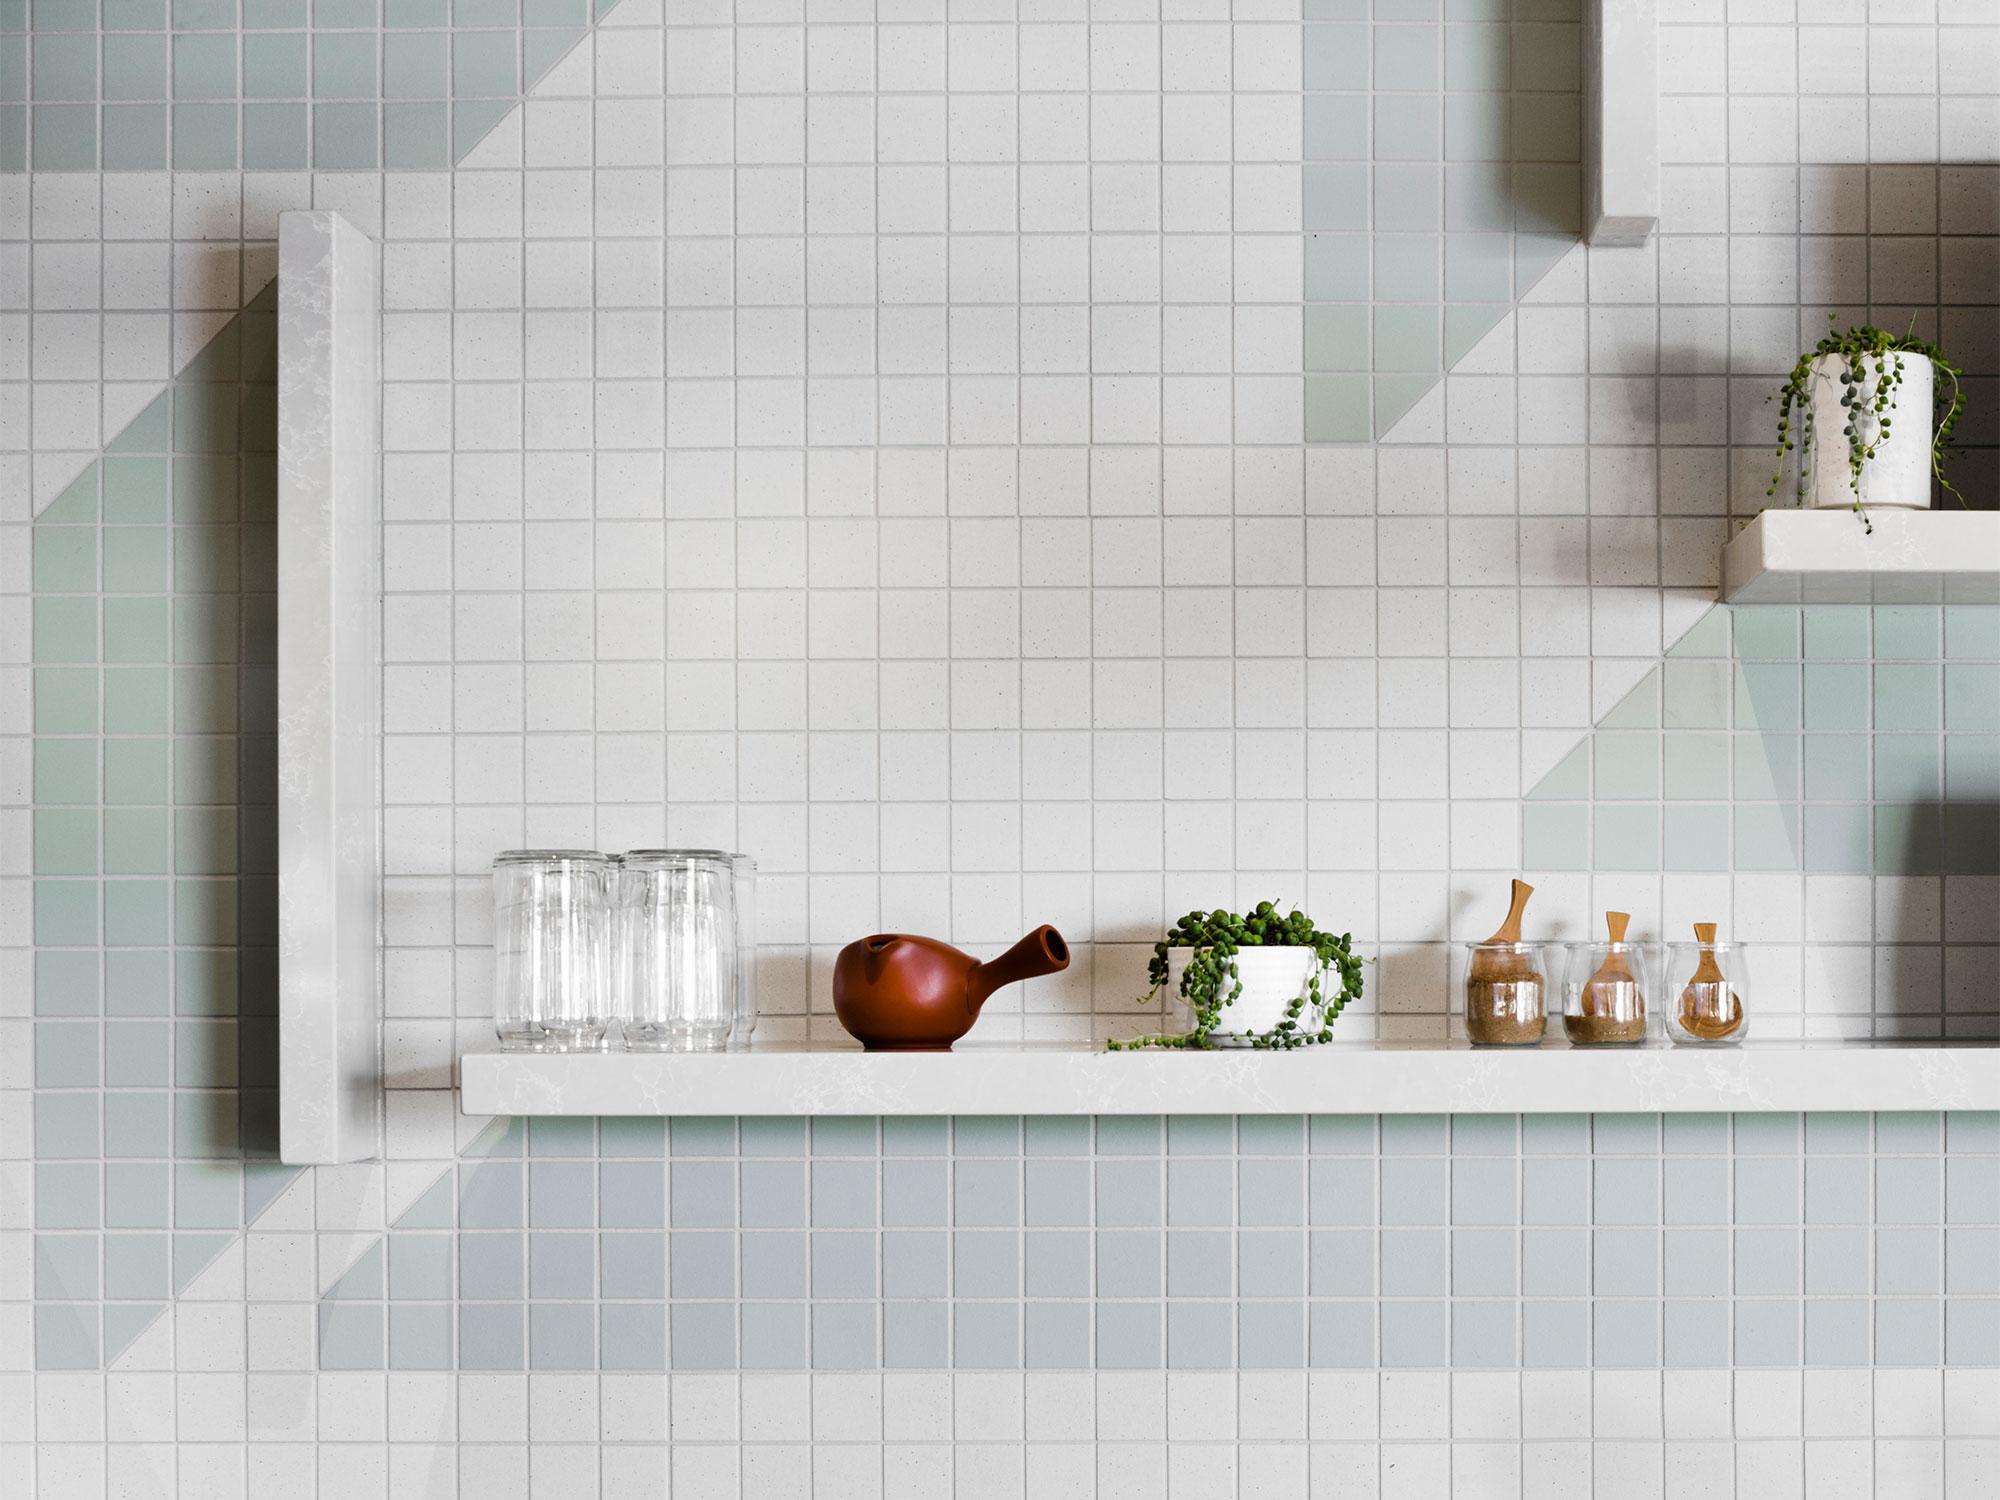 BestEver Bathroom Tile Ideas  realestatecomau